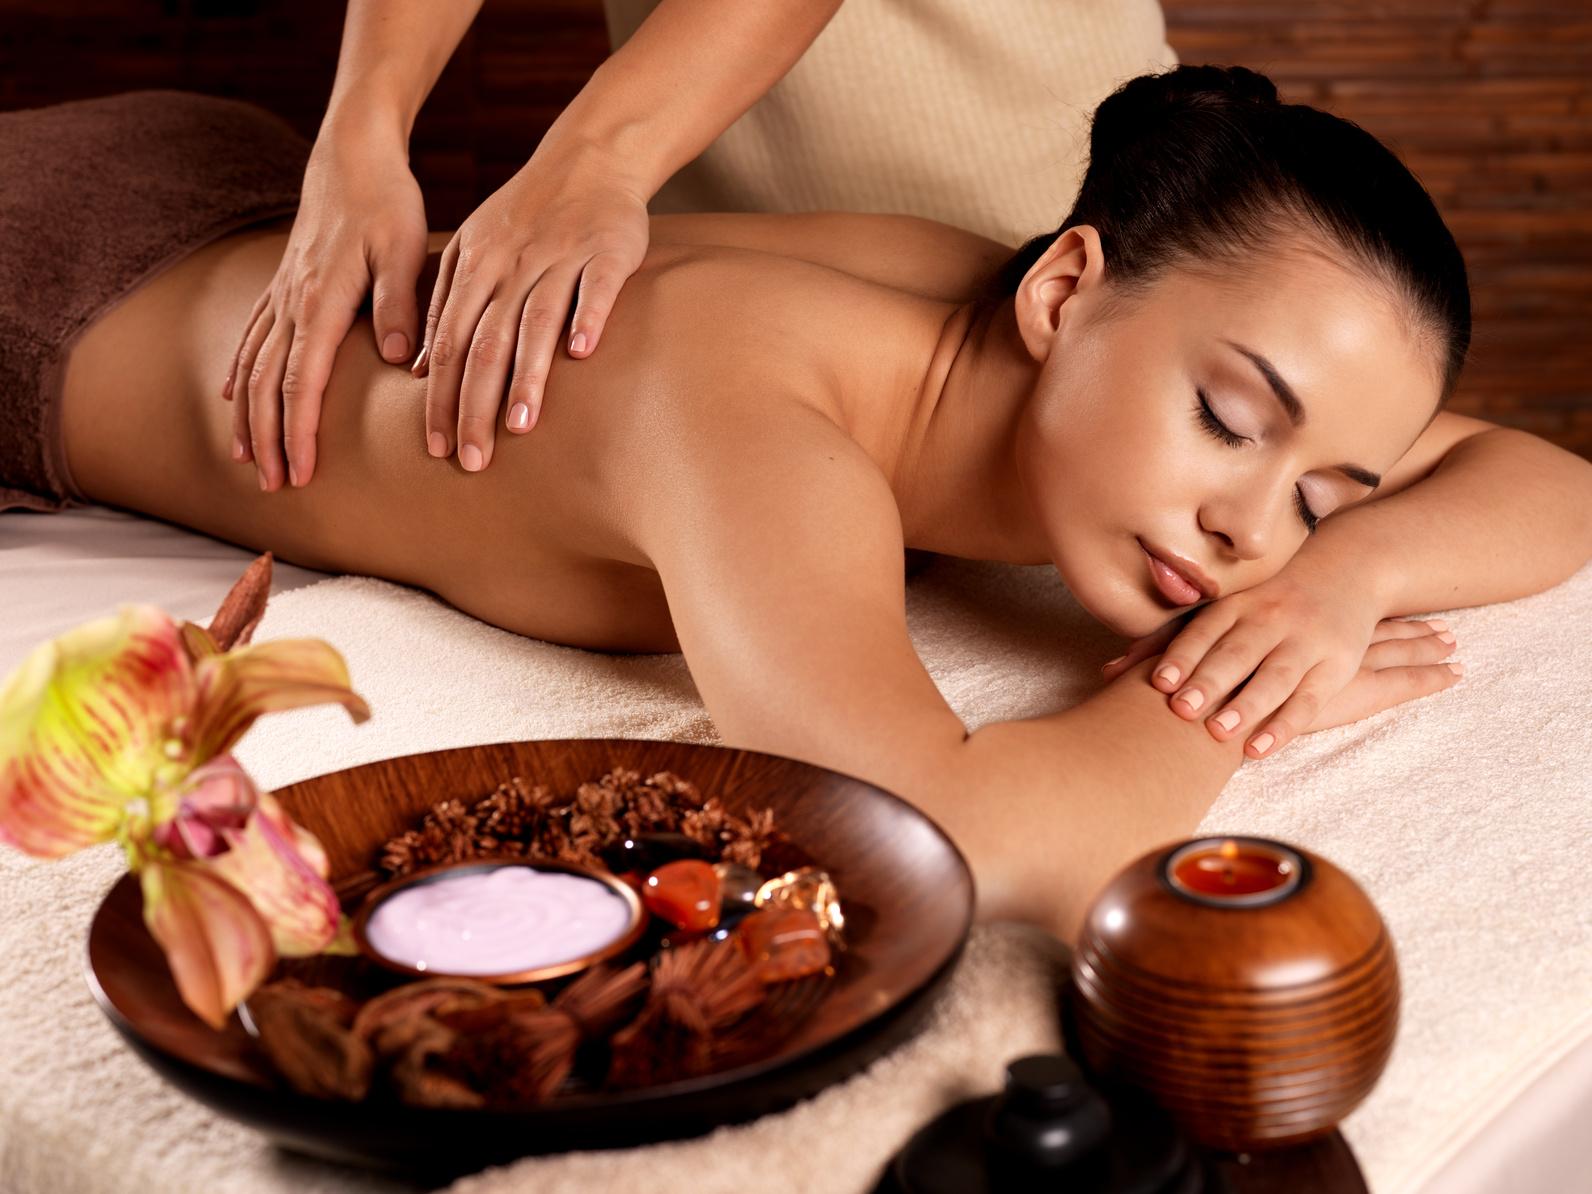 massage therme erding gratis erotik